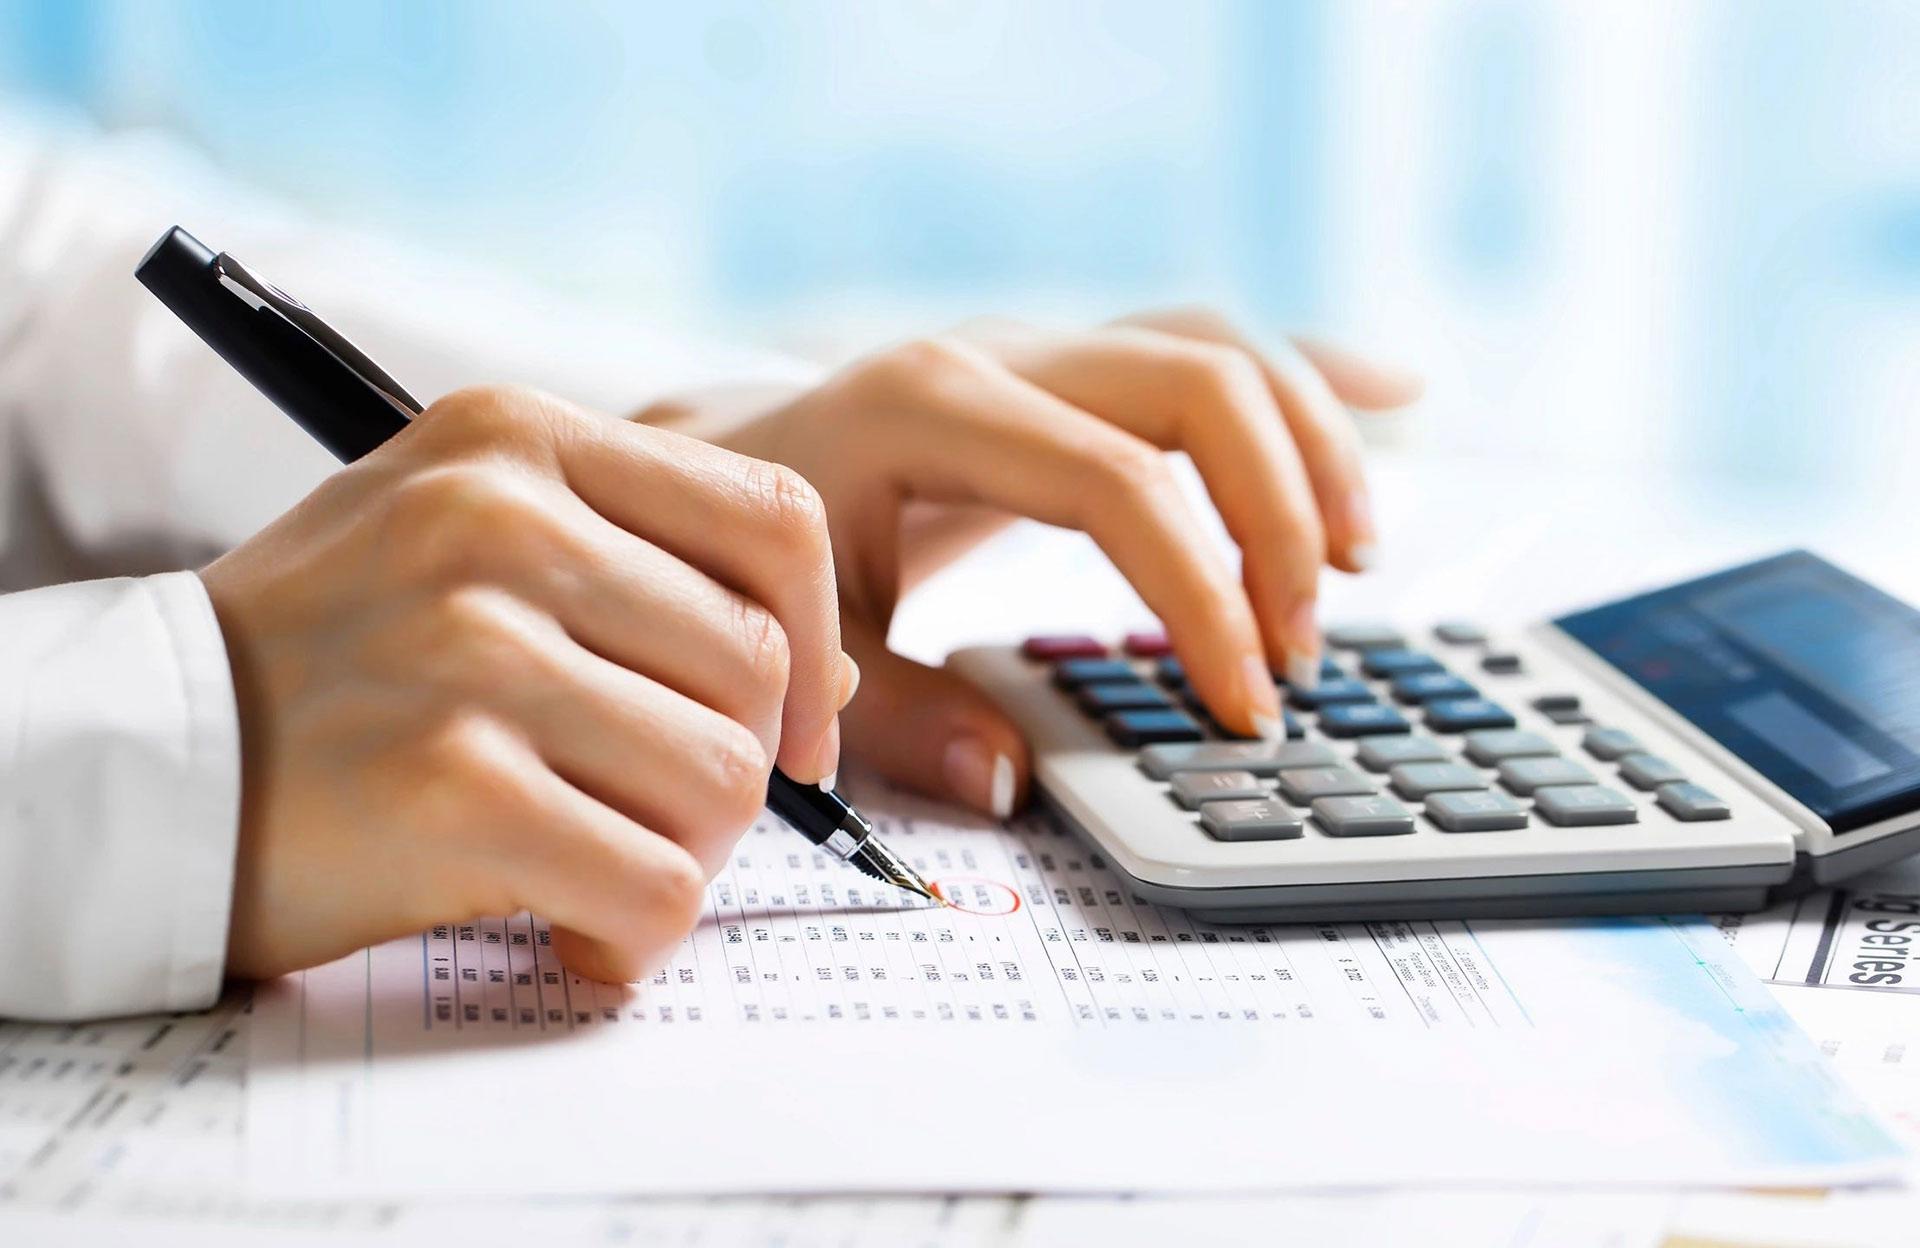 Бесплатный вебинар: Новый налог на инвестиционные доходы: Обзор вариантов инвестирования с оптимизацией